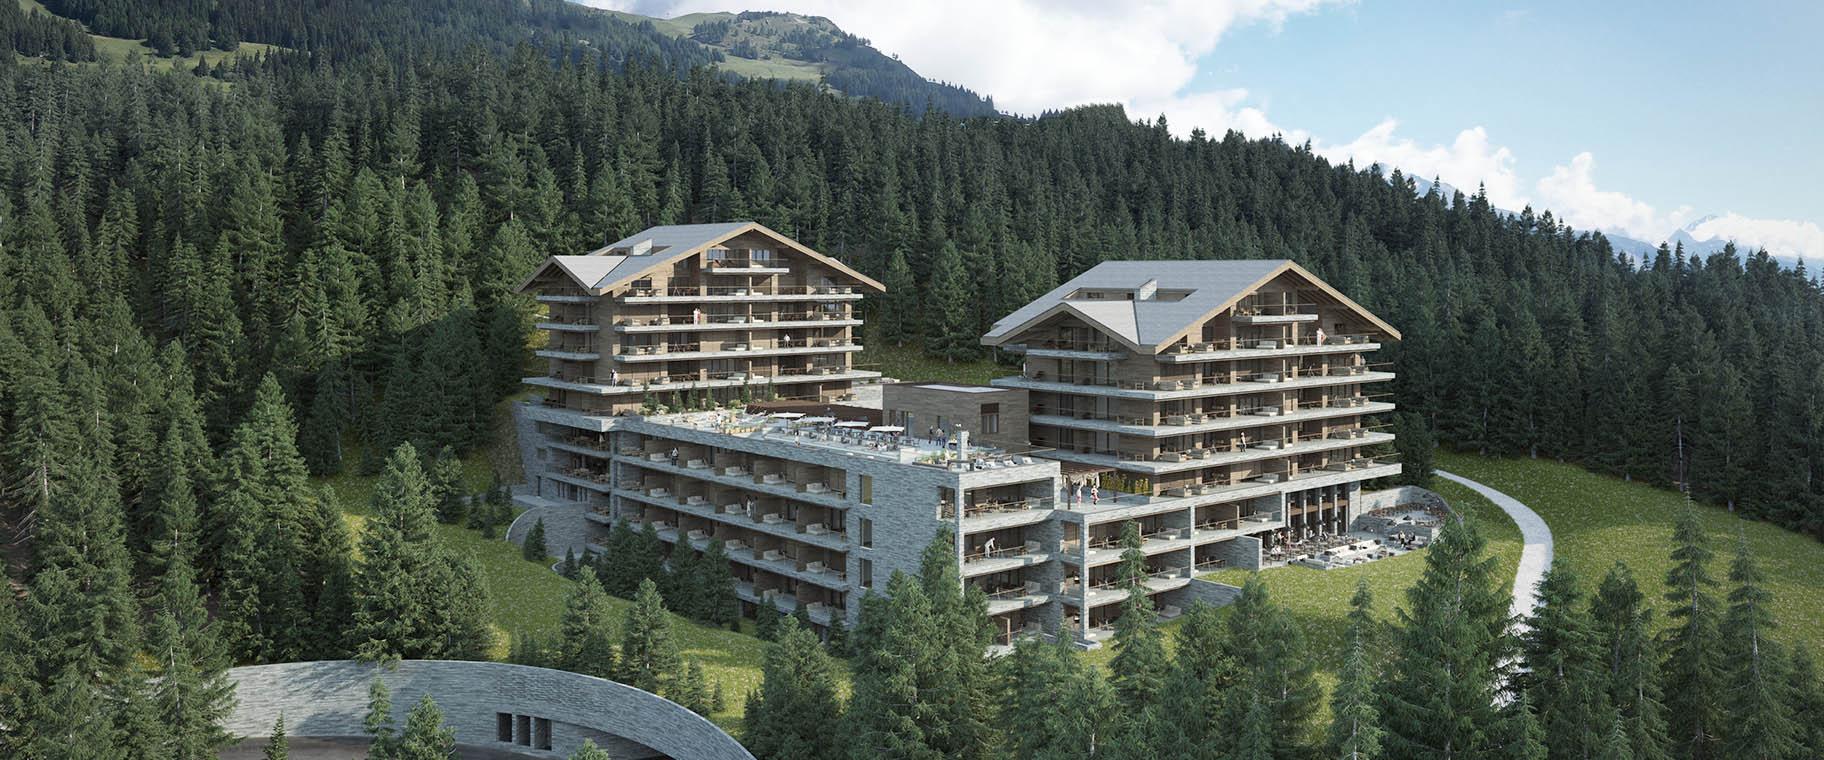 Projet d'aménagement paysager pour l'hotel Six Senses de Crans-Montana par VIMADE Architectes paysagistes